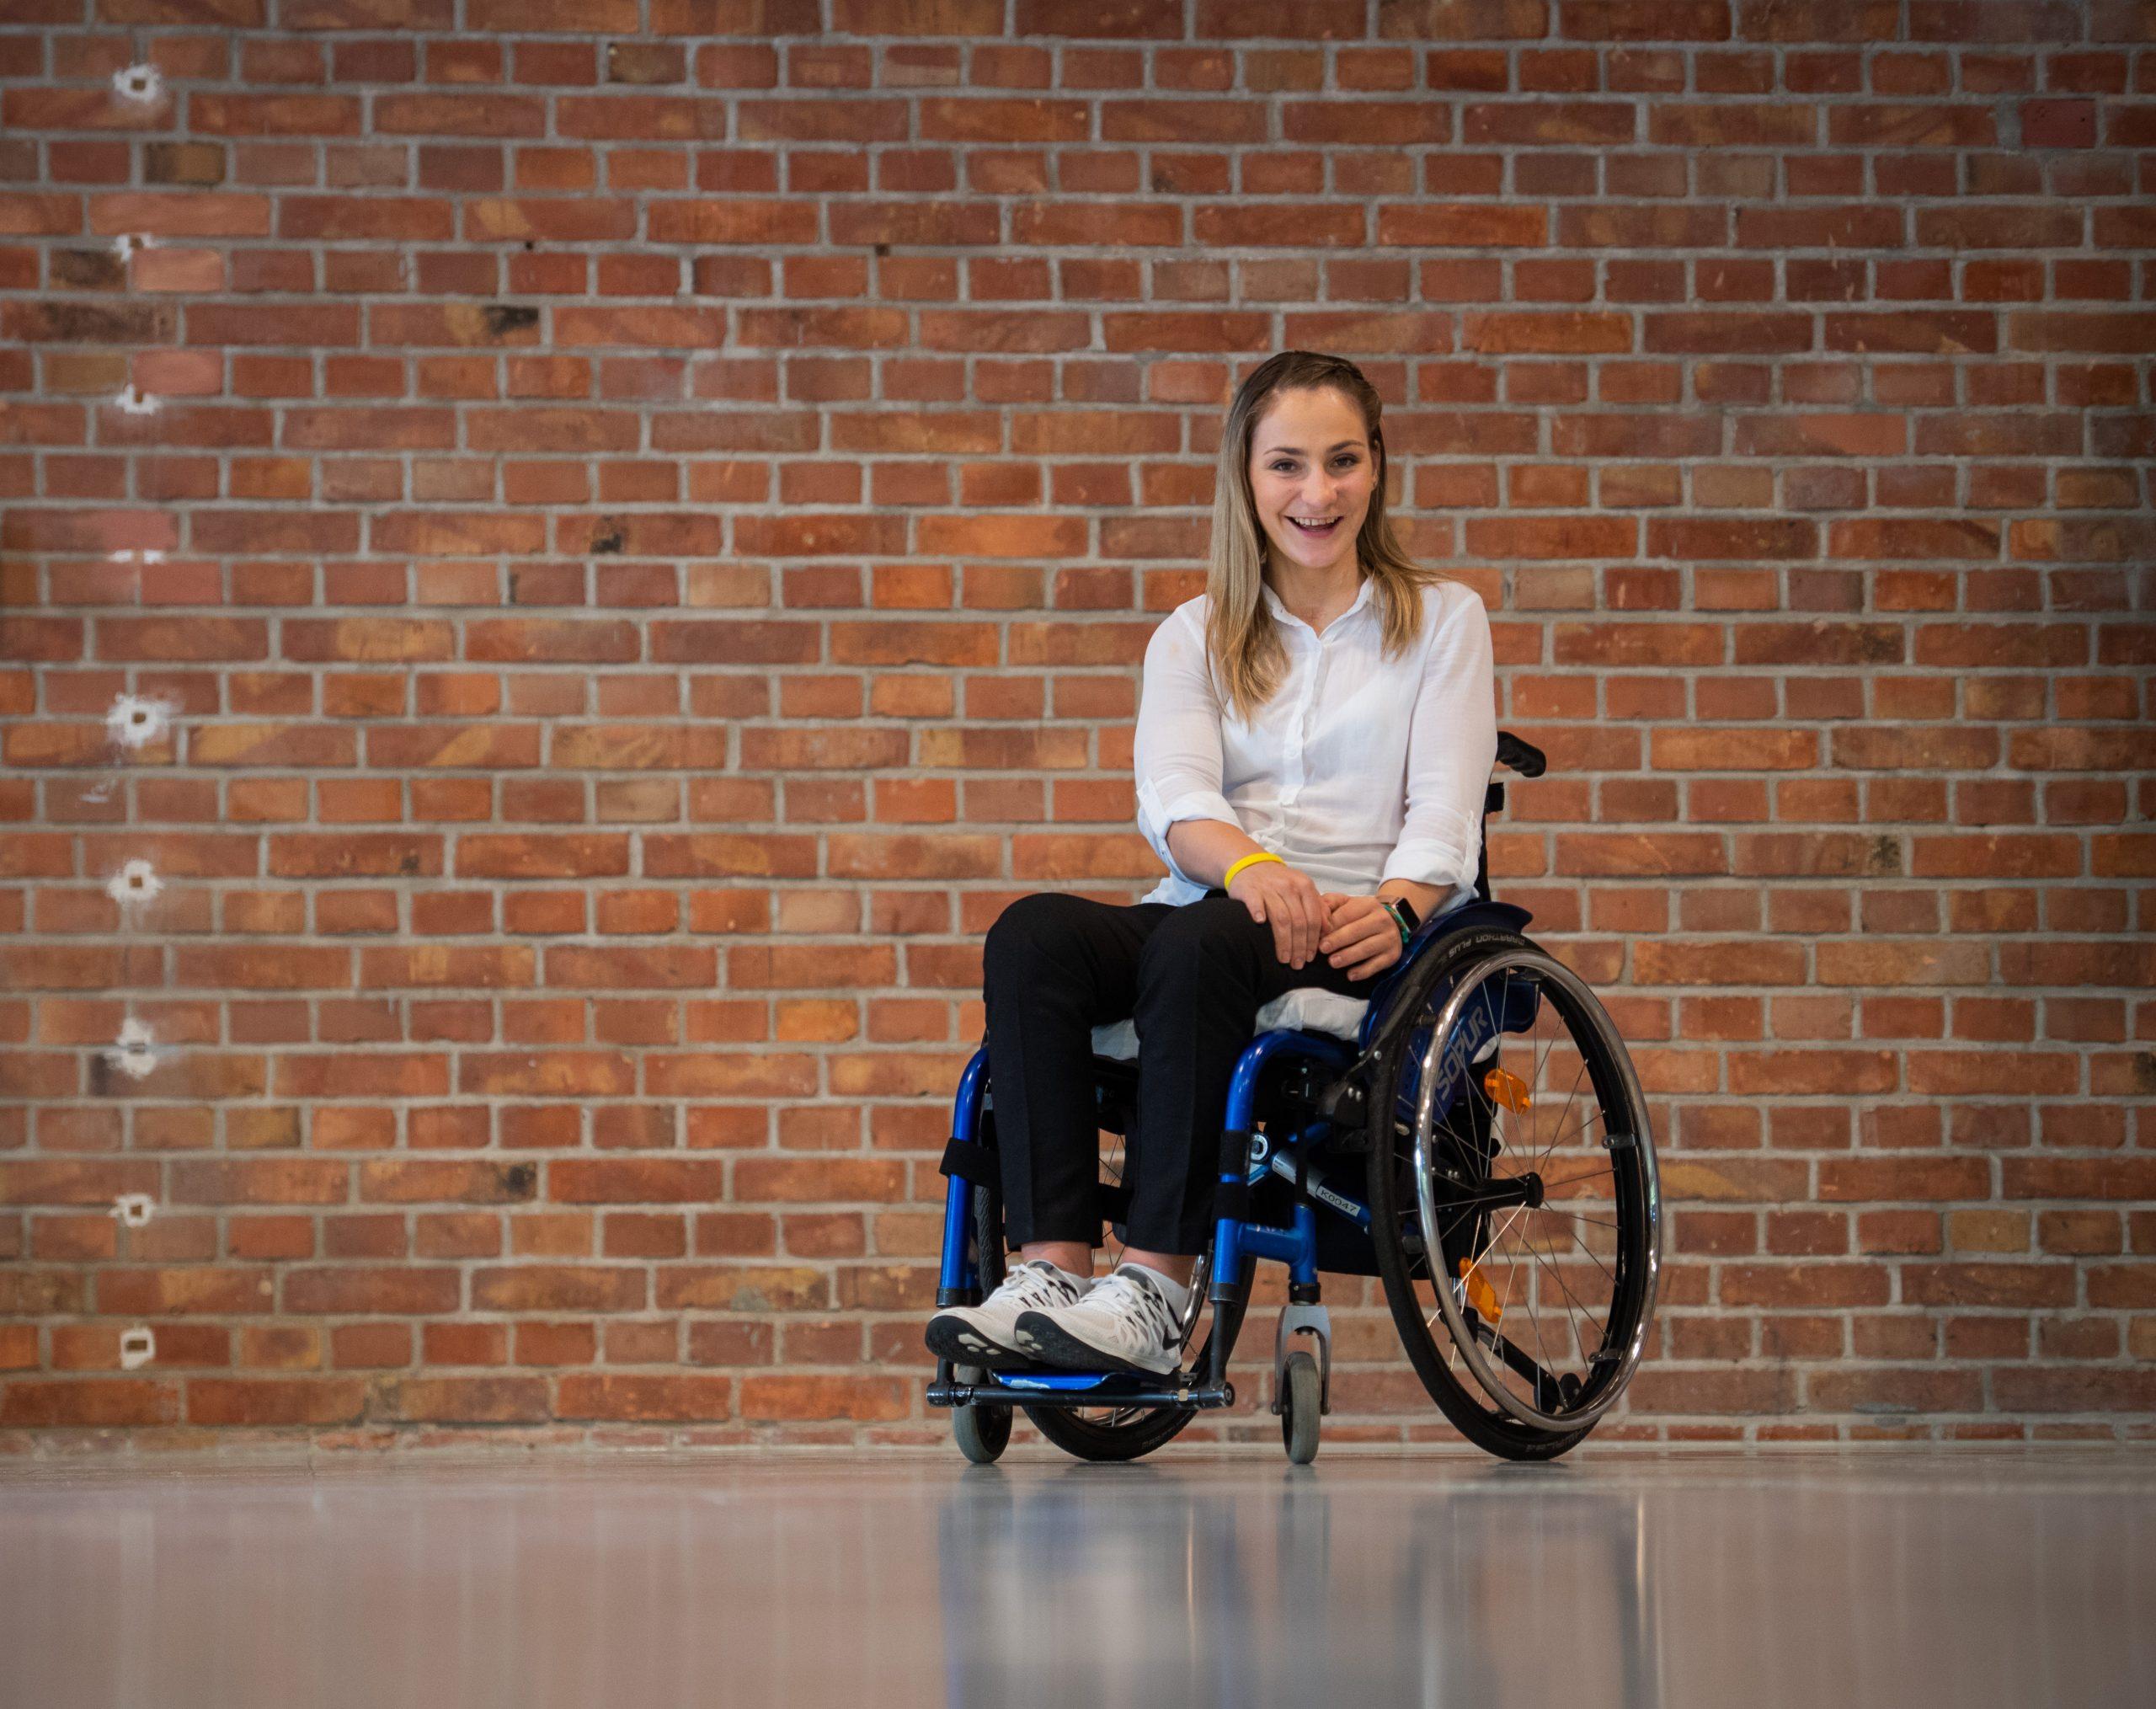 Verletzung im Spitzensport: Kristina Vogel